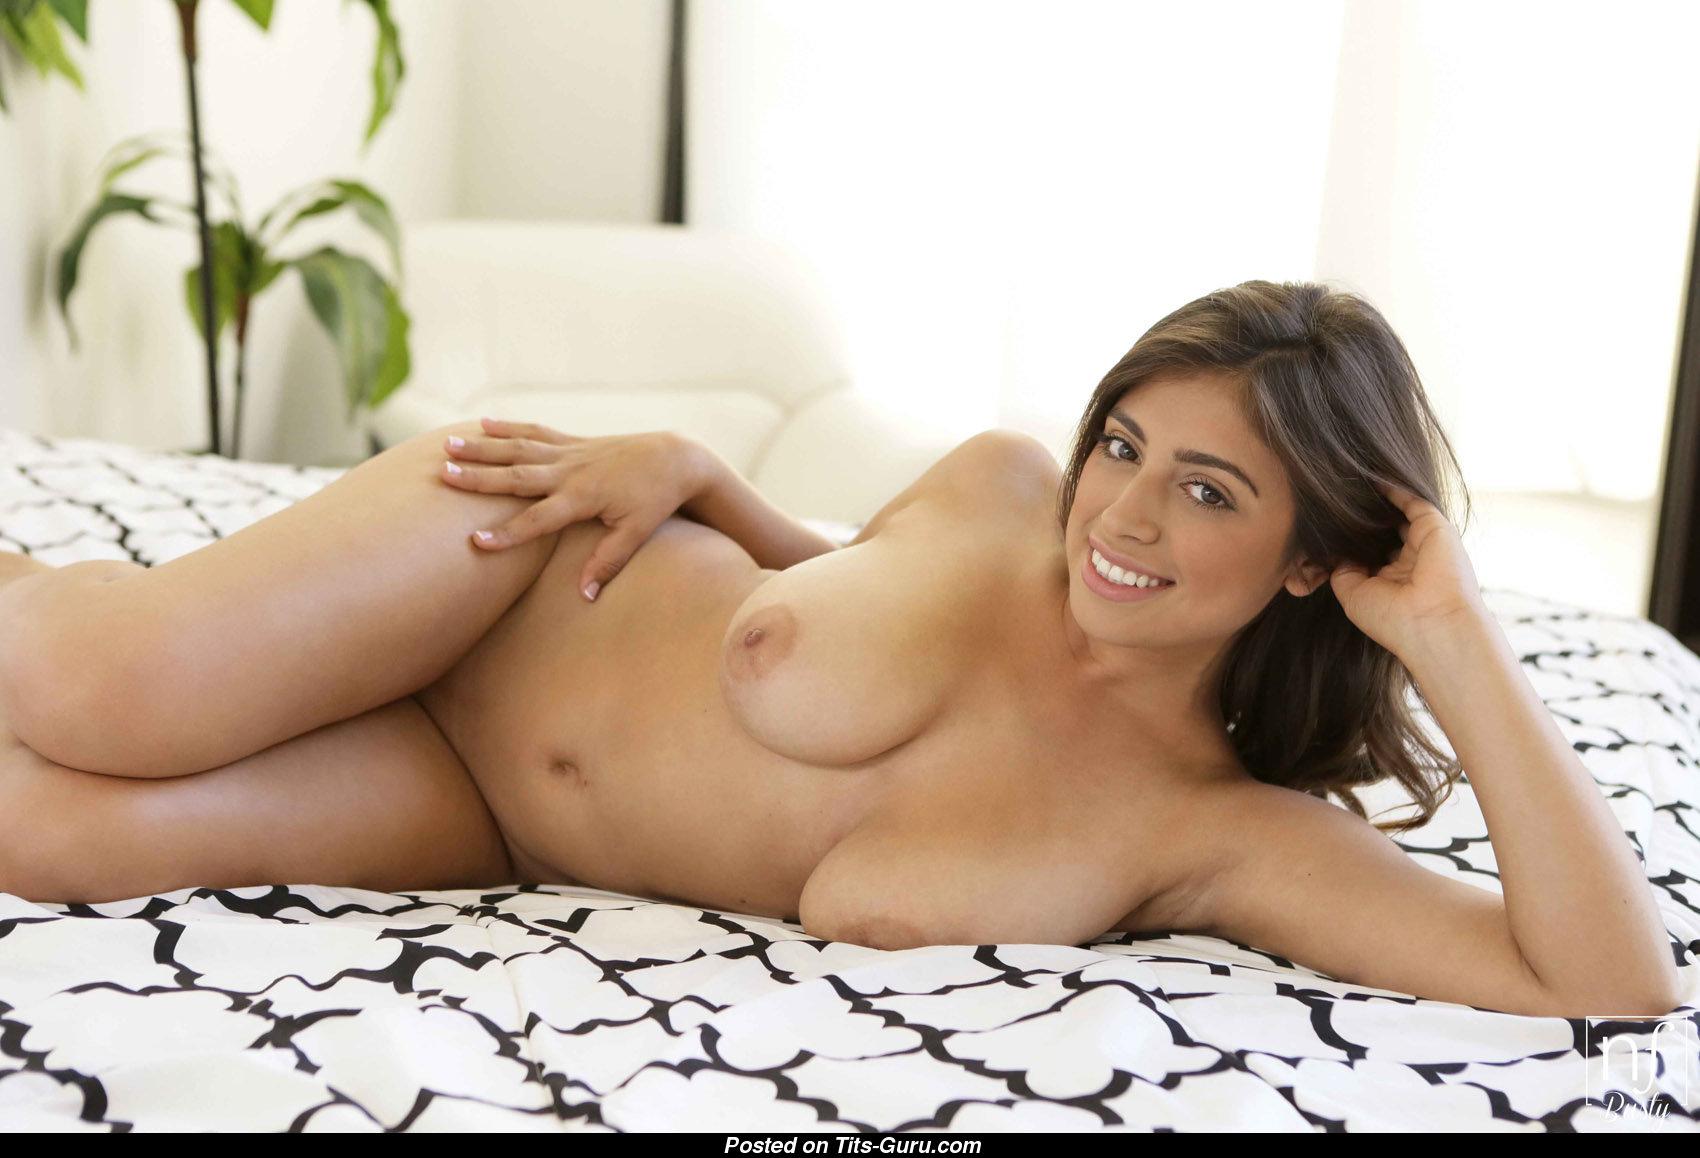 Фото голая латинки, Голые латинки - эротические фото попок и сисек латинок 21 фотография